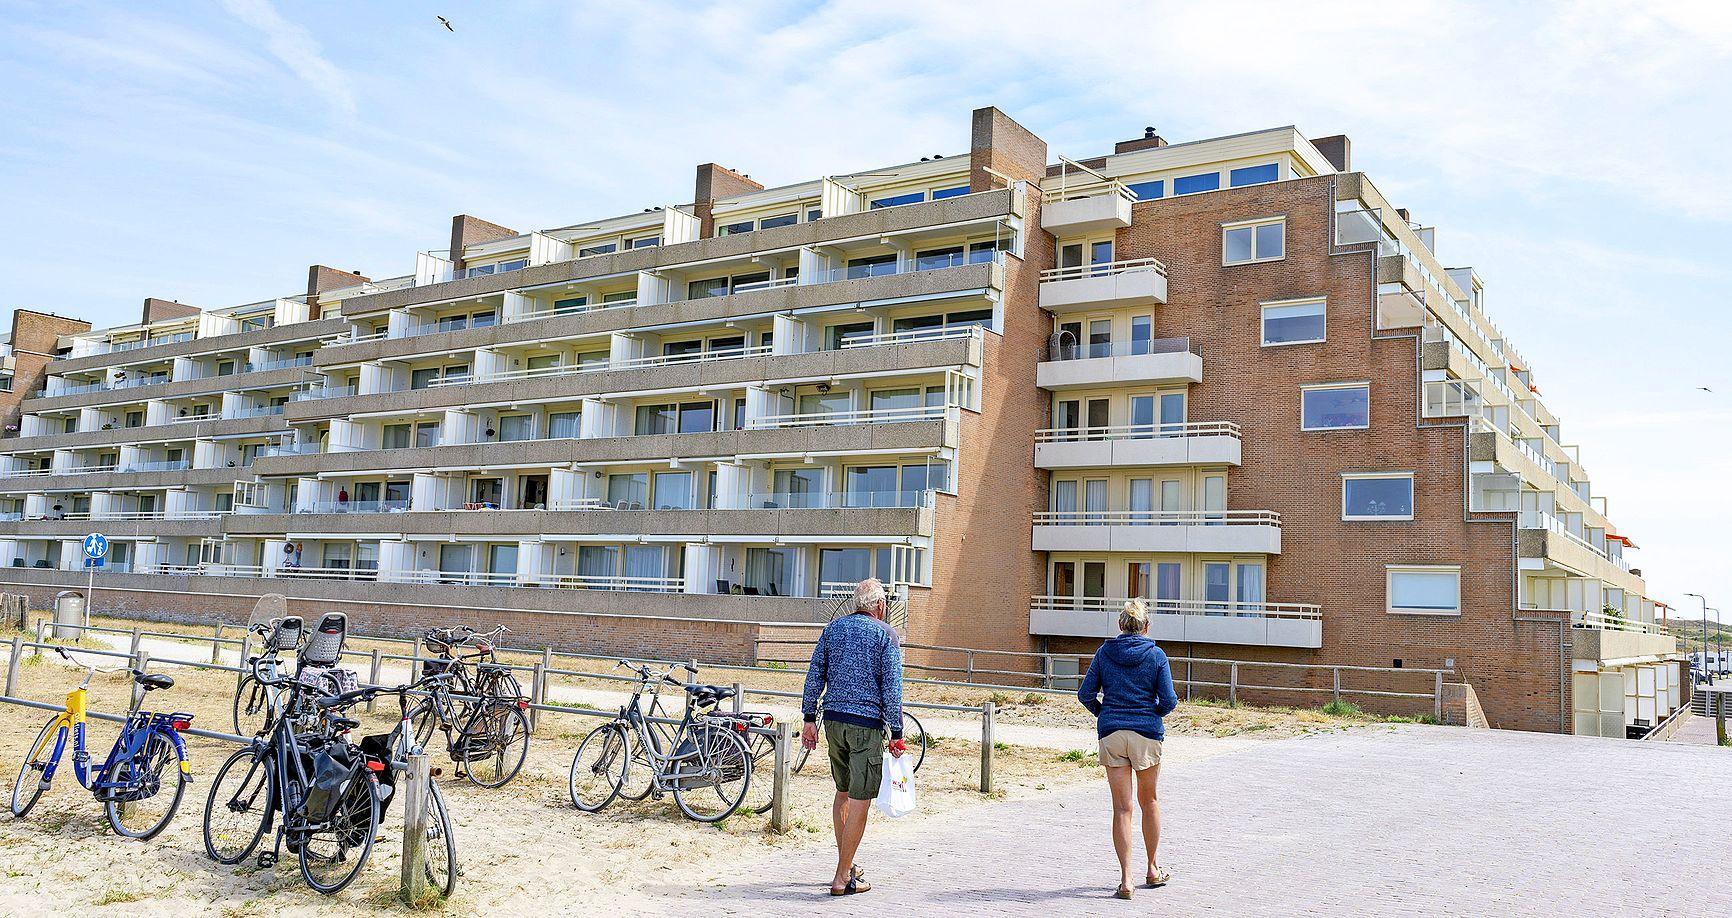 Maximaal 63 dagen verhuren aan toeristen in Egmond aan Zee? Dat is na bezwaren toch nog niet zeker. De beslissing is 'niet rijp voor besluitvorming'